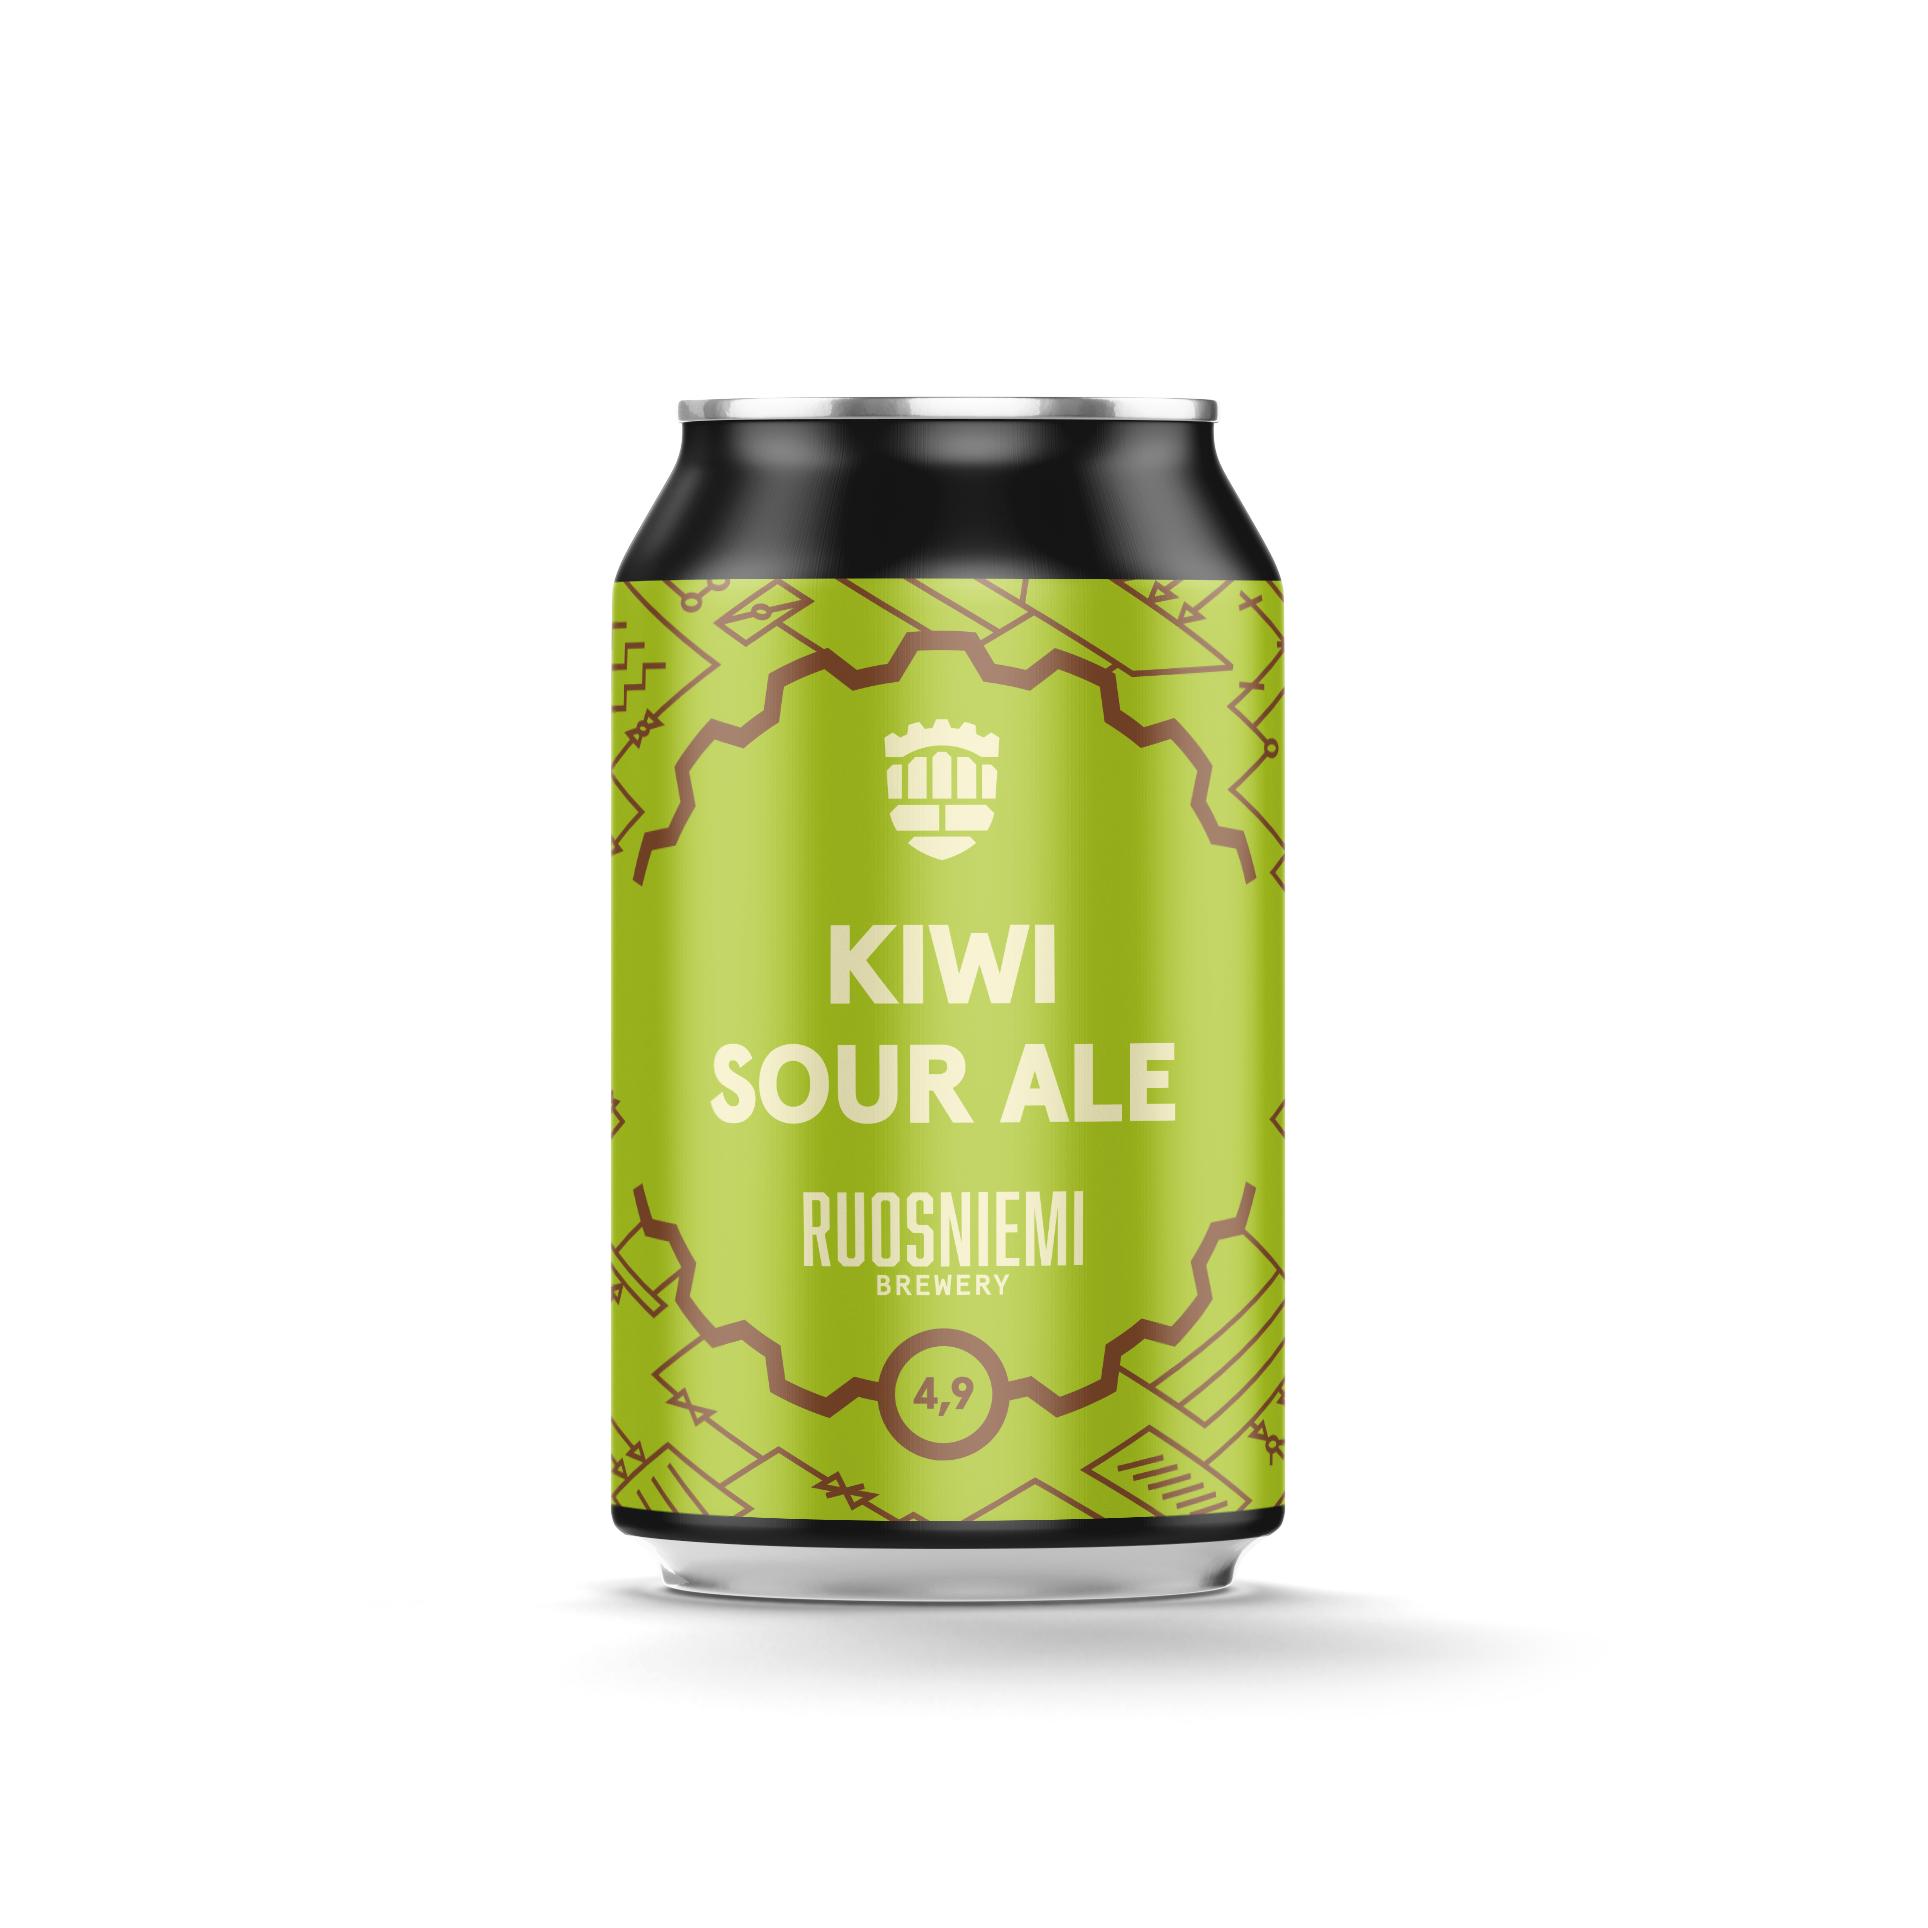 Hki - Kiwi Sour Ale 0,33l 4,9% 0,33 l tlk